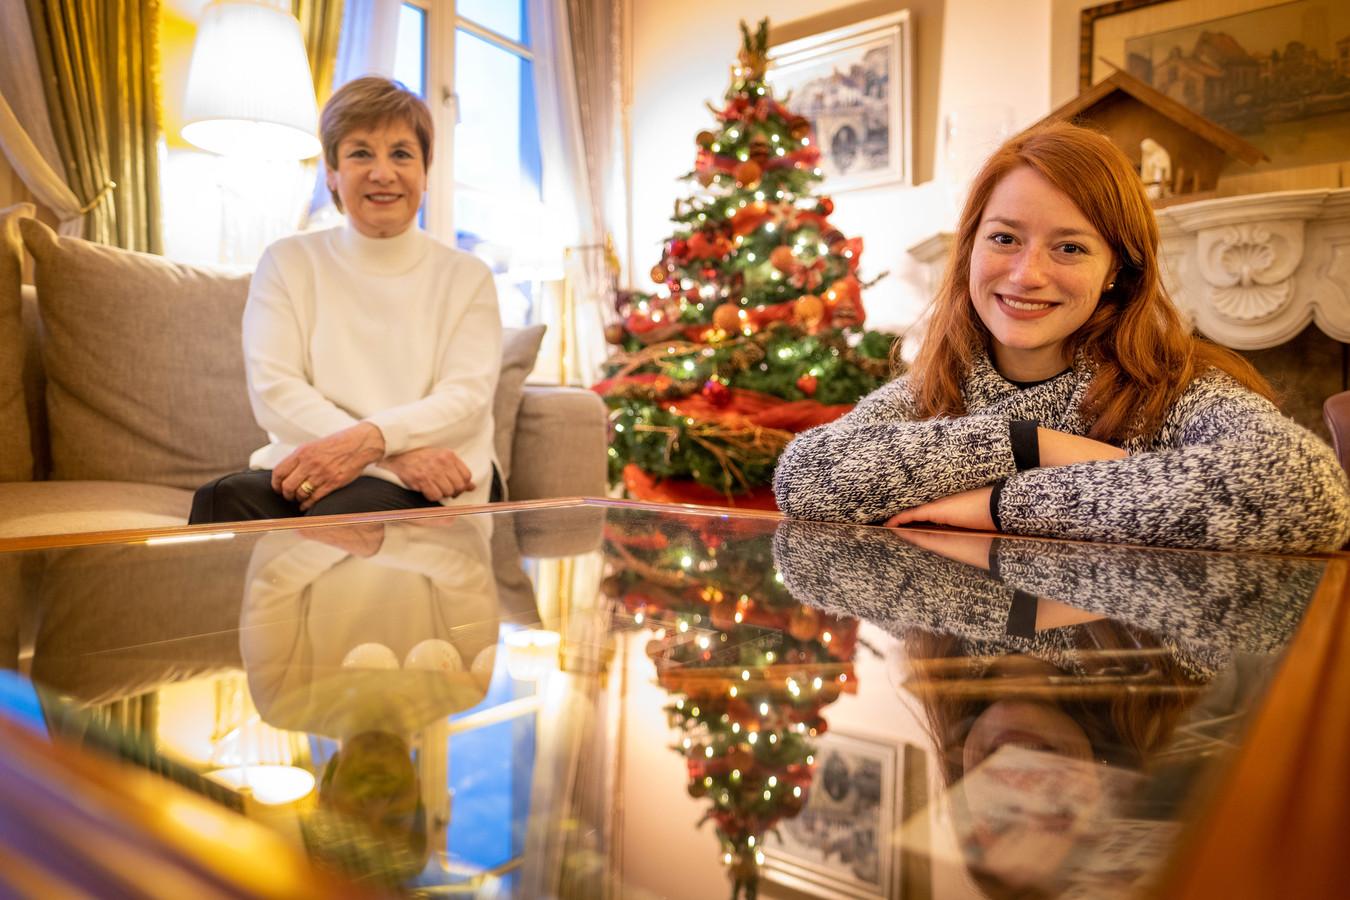 MECHELEN Connie Neefs brengt samen met haar dochter Hannelore het kerstlied 'Susa Nina' uit van haar overleden broer Louis